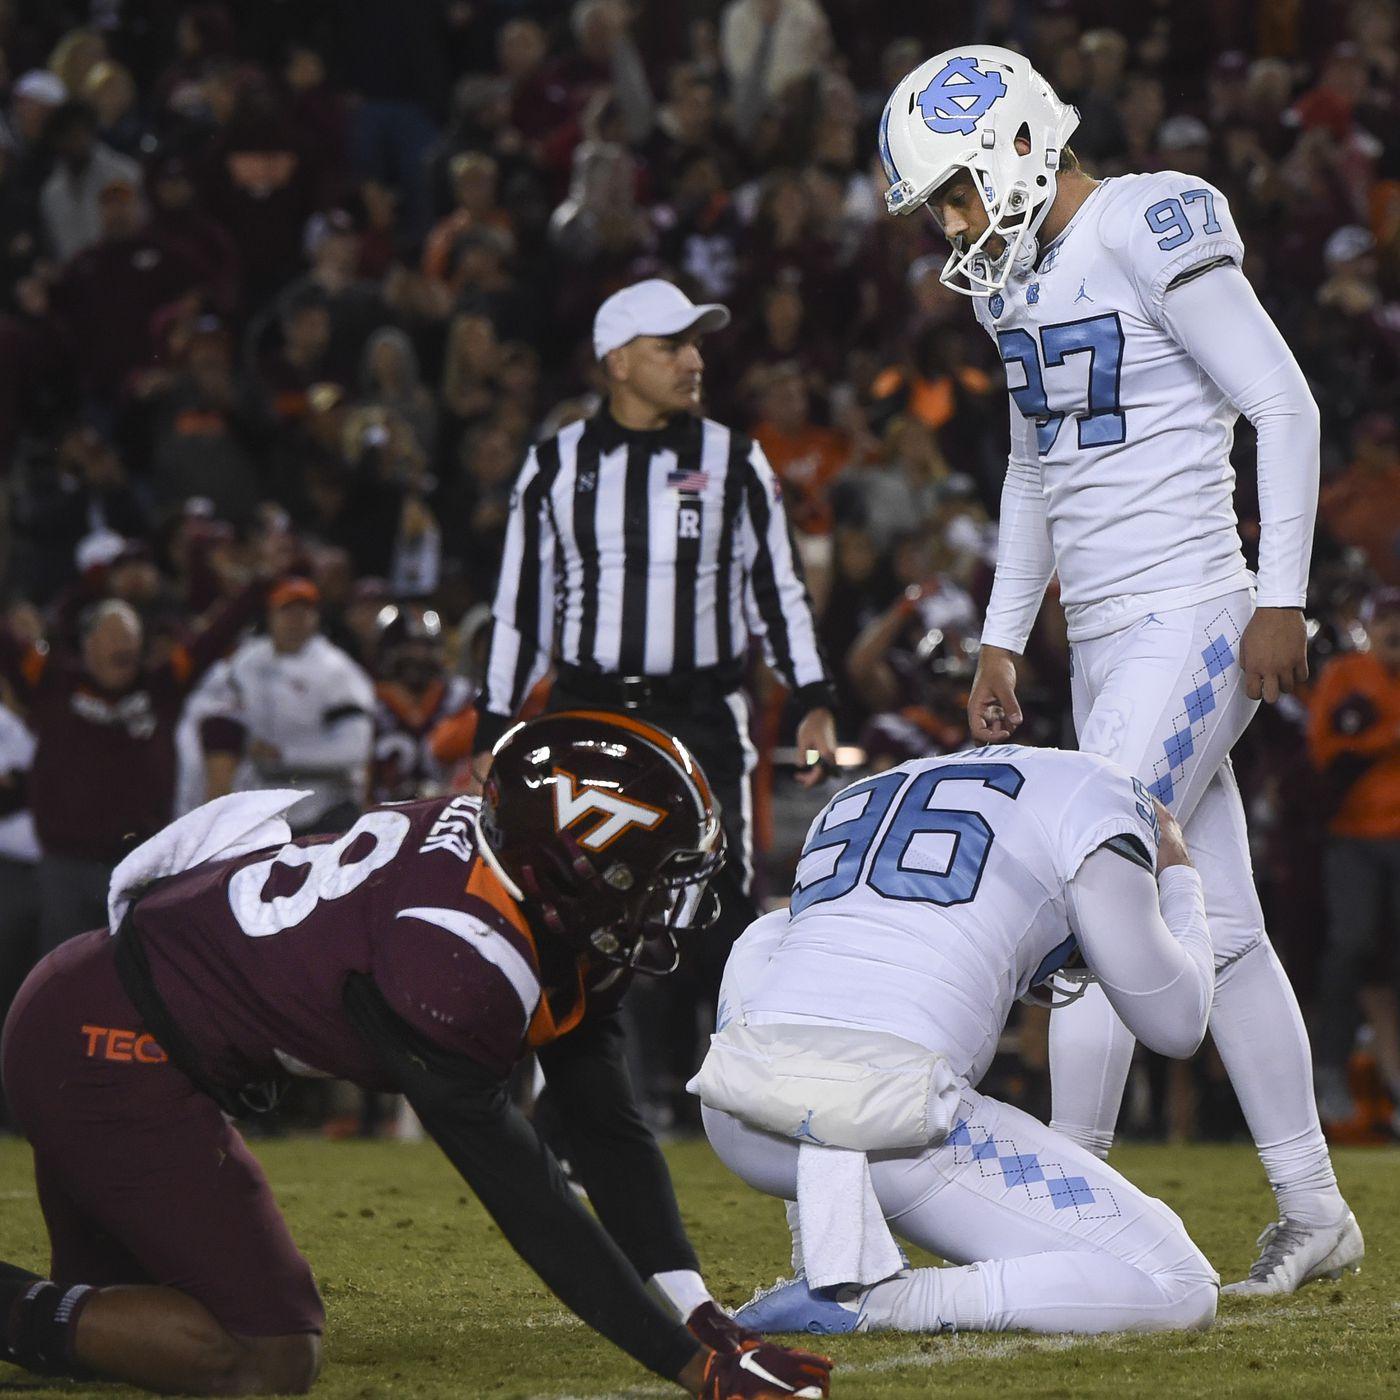 Heartbreak Heels Unc Falls 43 41 To Virginia Tech In 6 Ot Tar Heel Blog